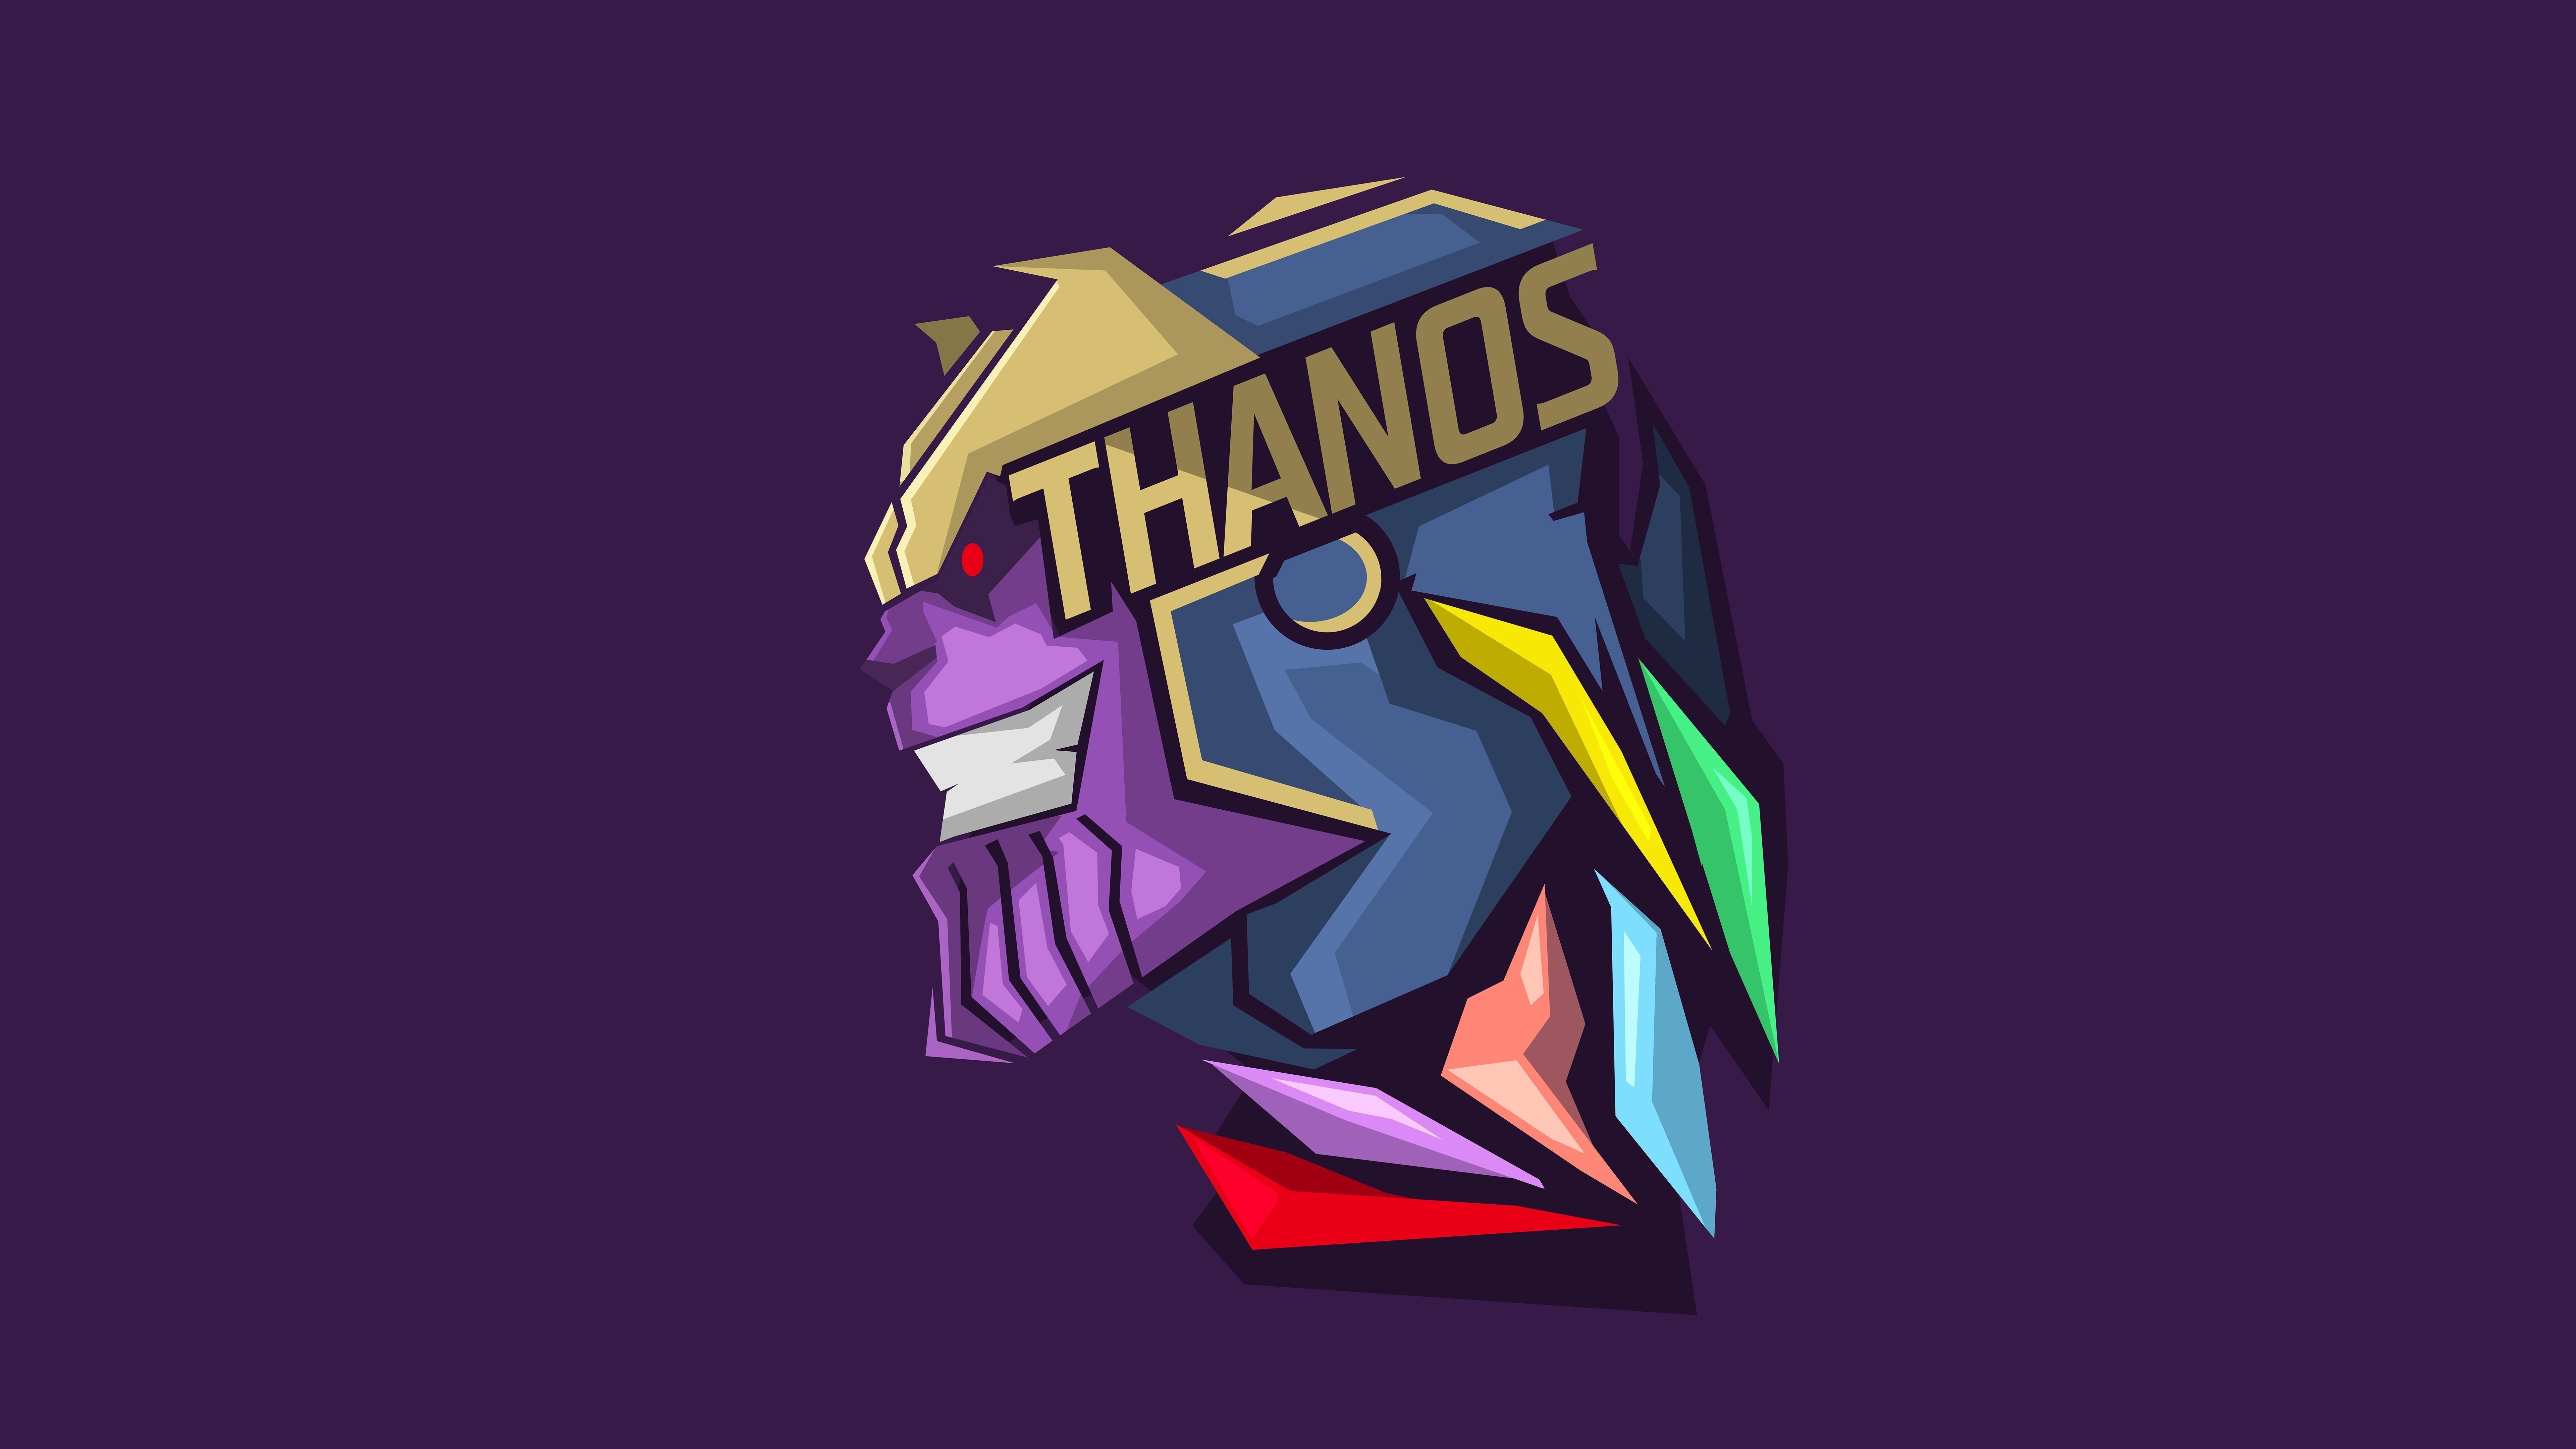 Танос минимальное художественное произведение обои скачать